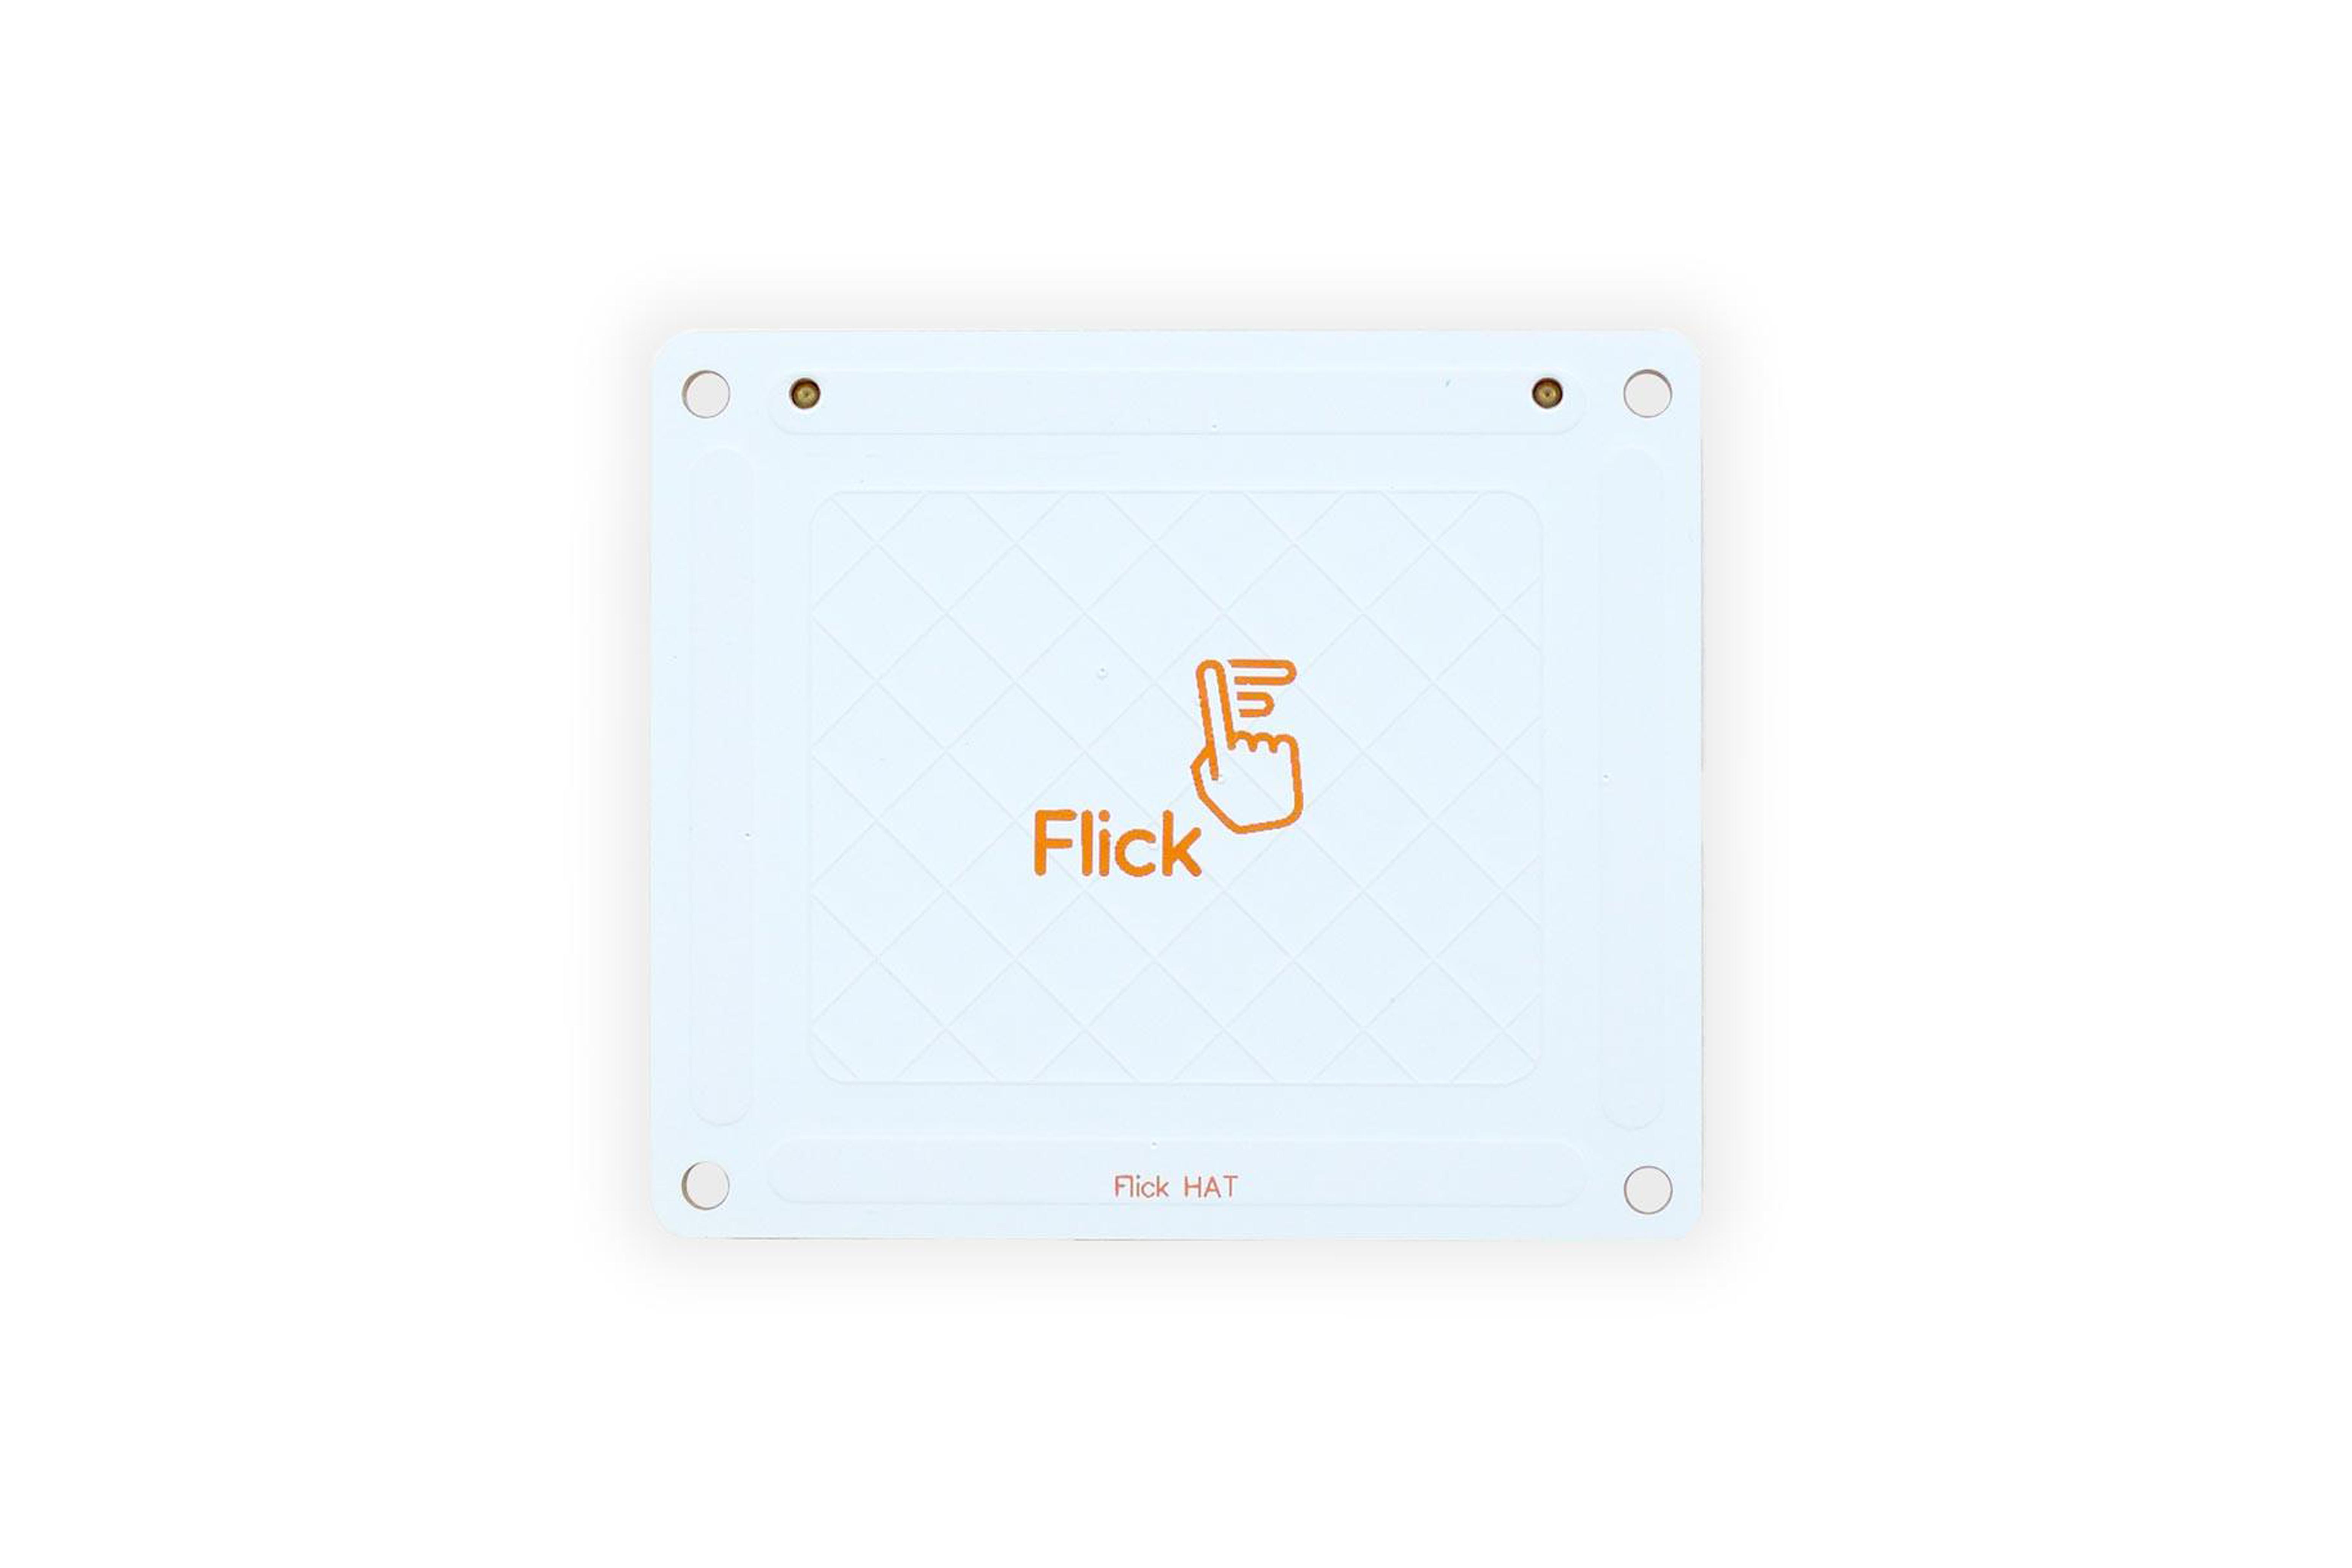 Capteur de gestes 3D Flick Pi HAT